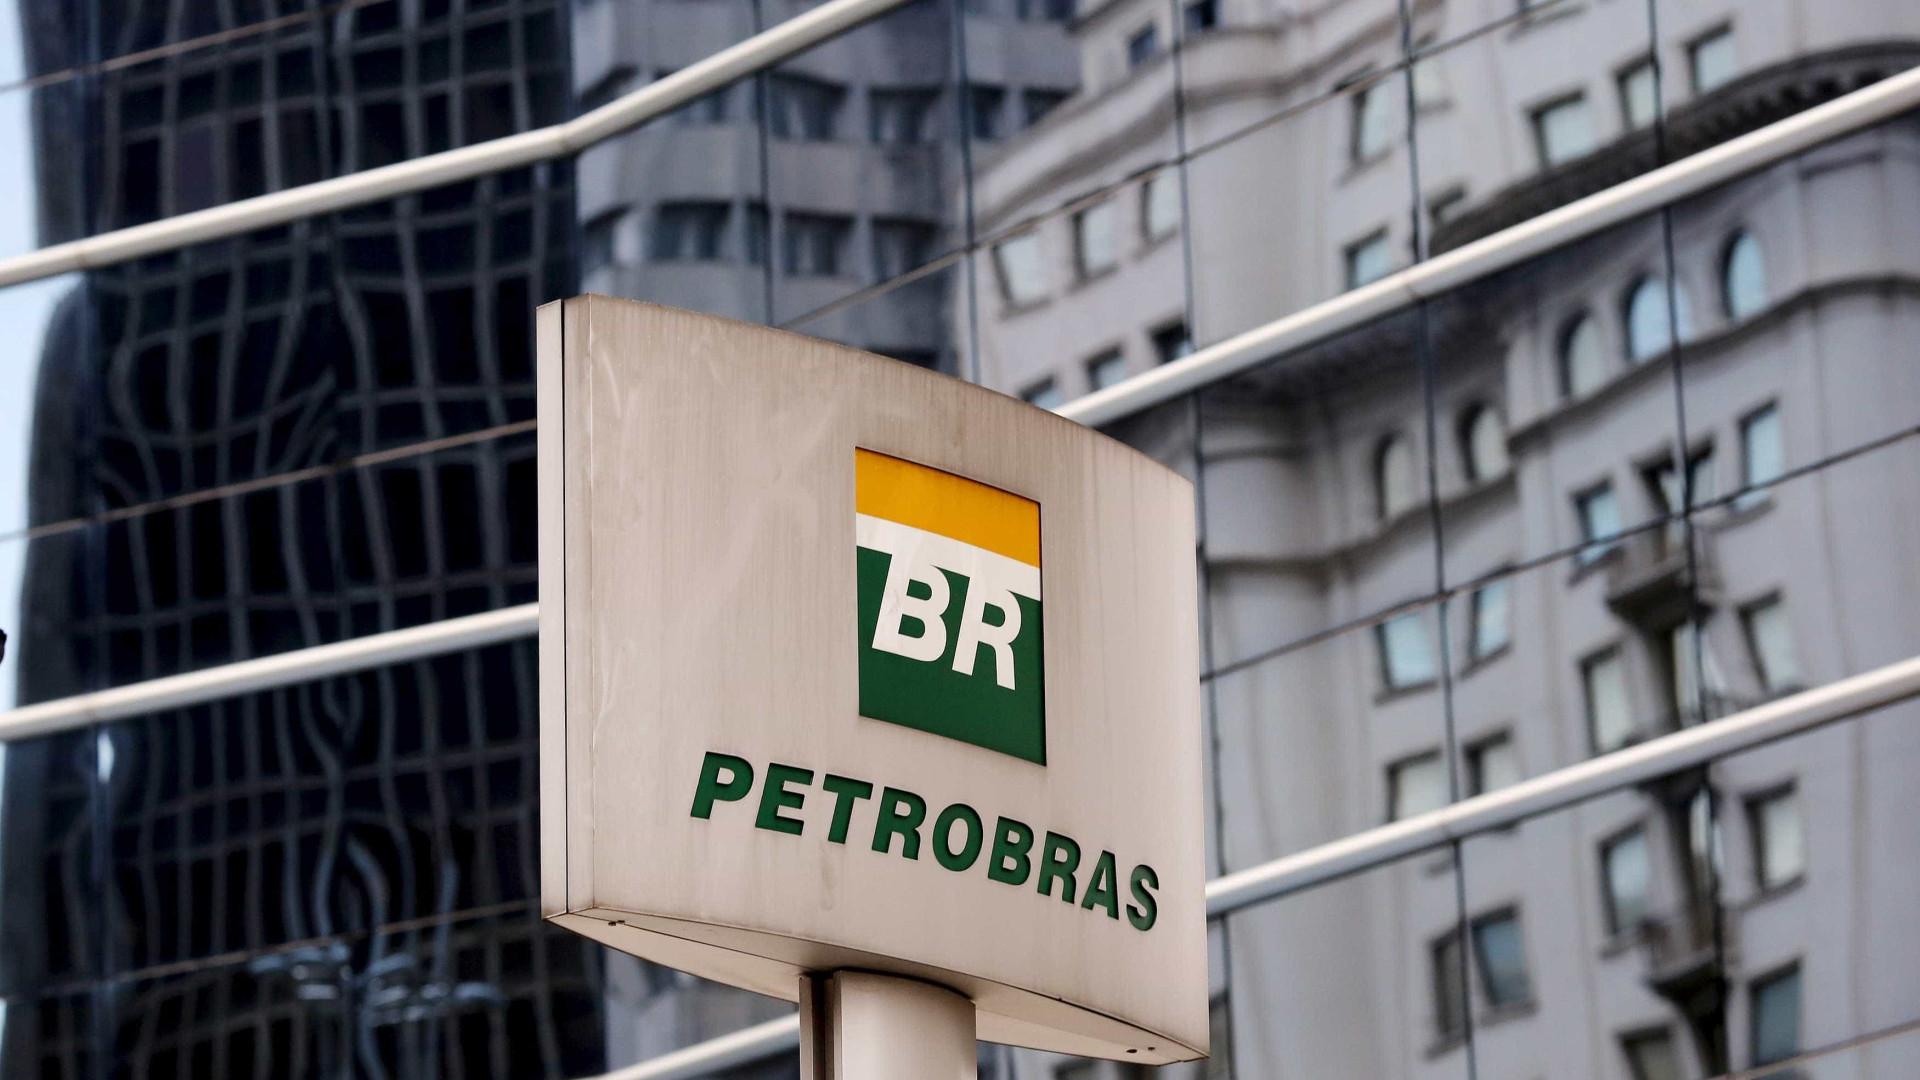 Lucro da Petrobras cai 34% no trimestre, para R$ 6,64 bilhões